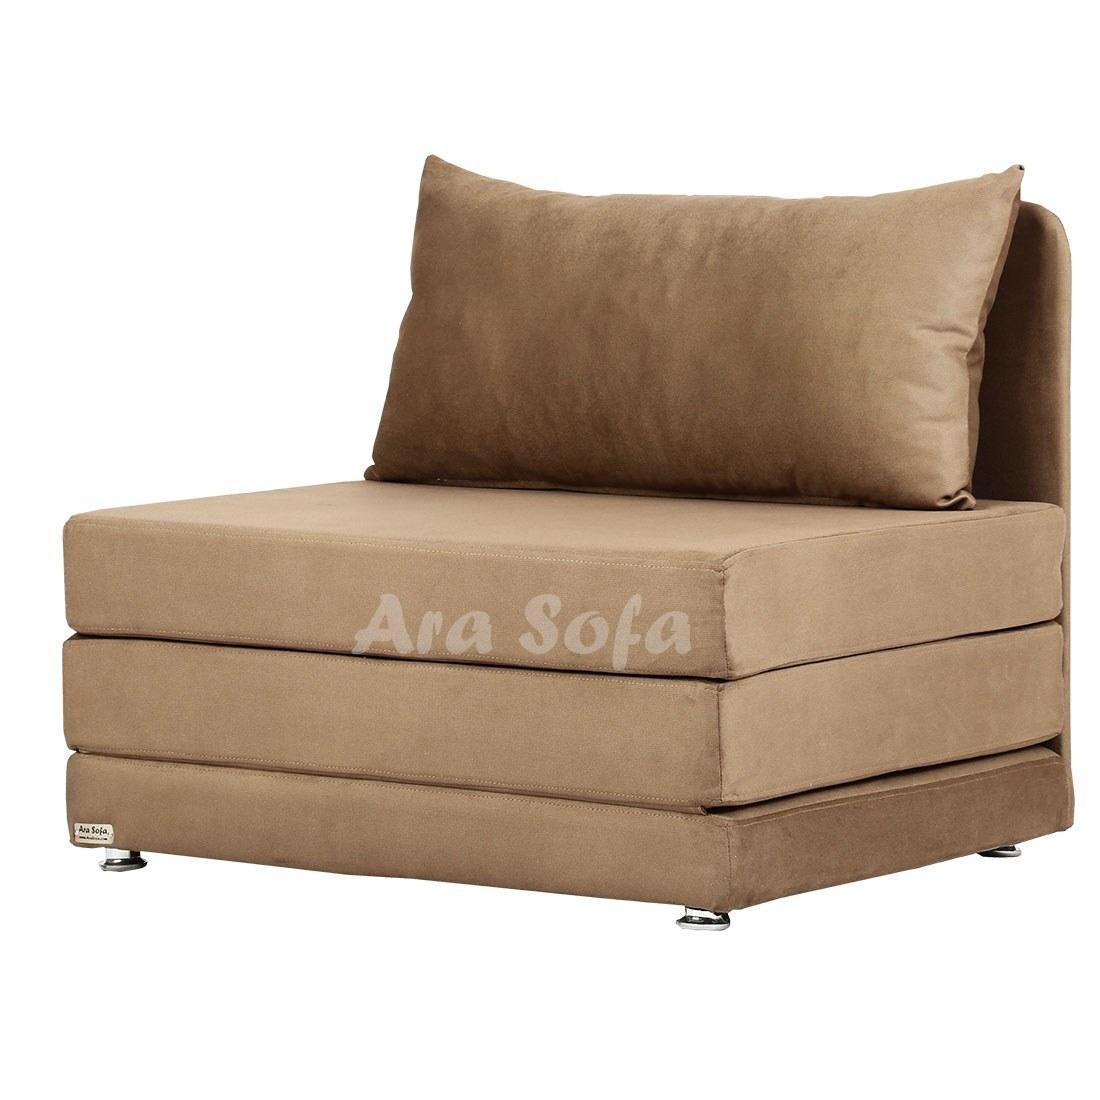 تصویر مبل تختخواب شو یک نفره آرا سوفا مدل A10